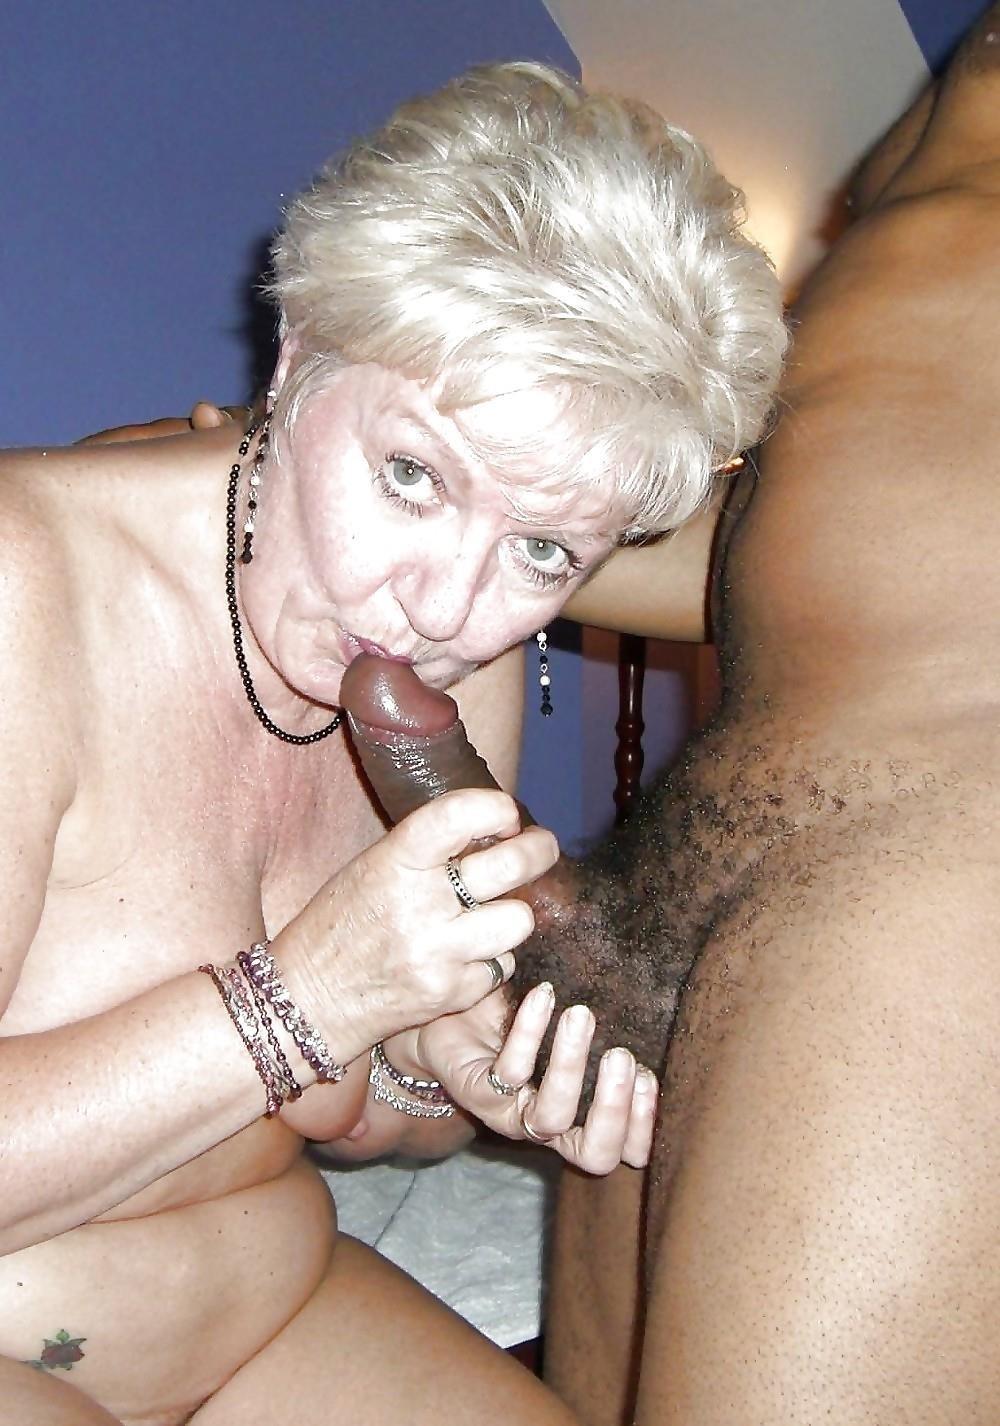 Les sex pics-2713